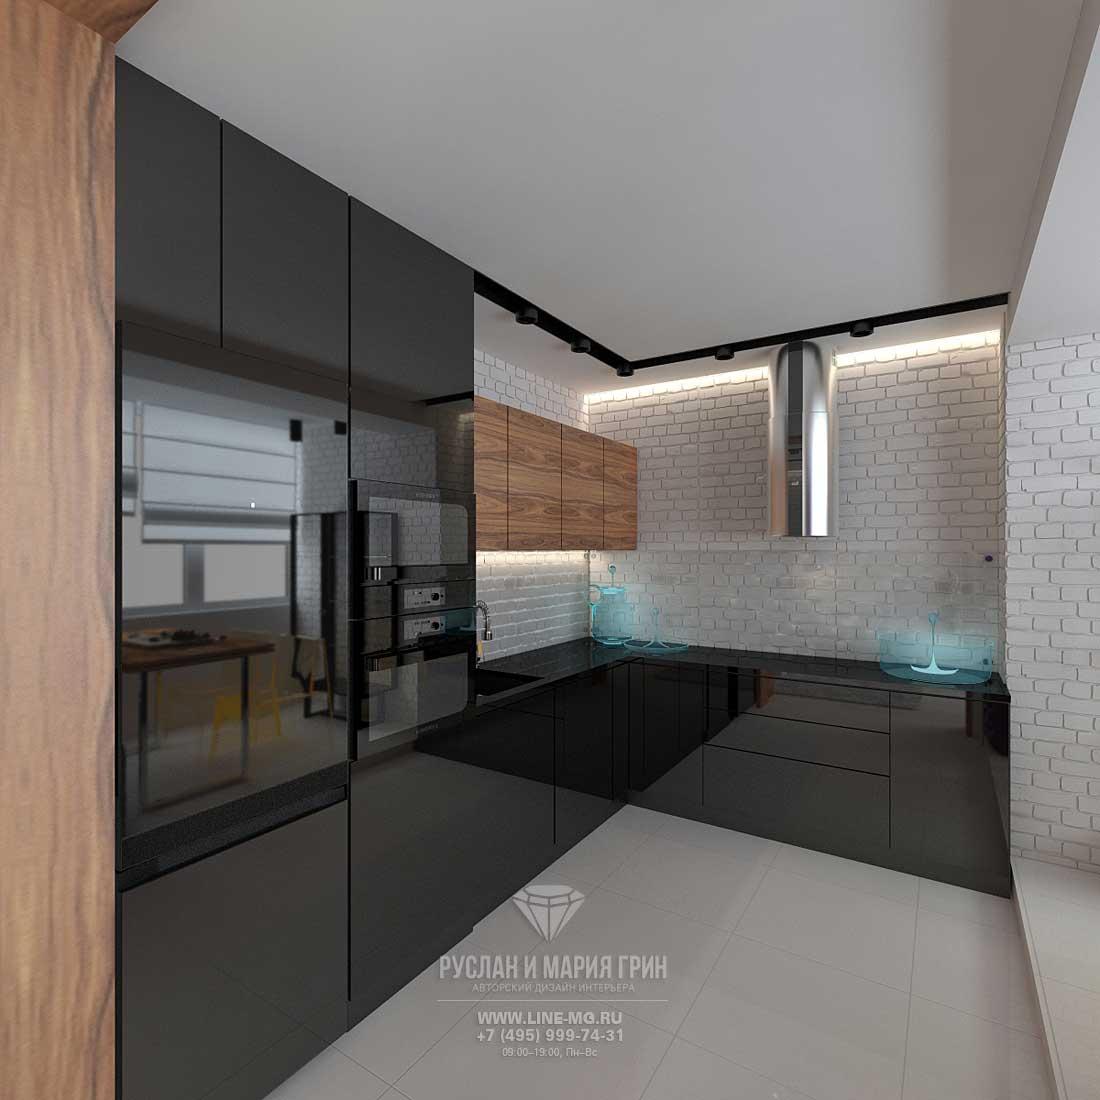 Дизайн красивой квартиры. Фото интерьера кухни 2016